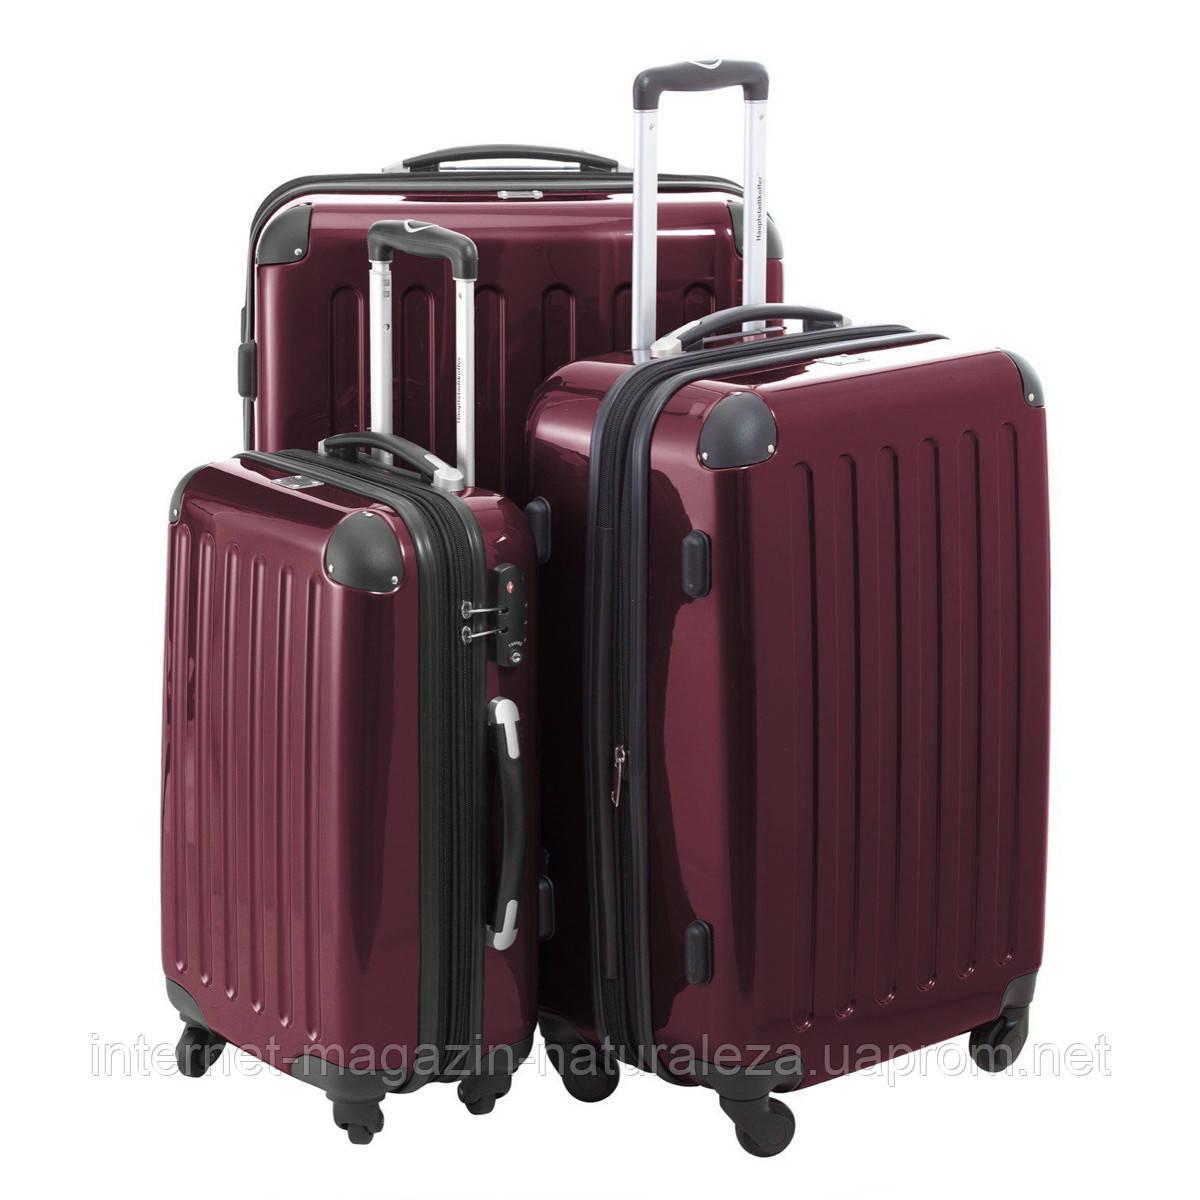 Комплект чемоданов Hauptstadtkoffer Alex вишневый